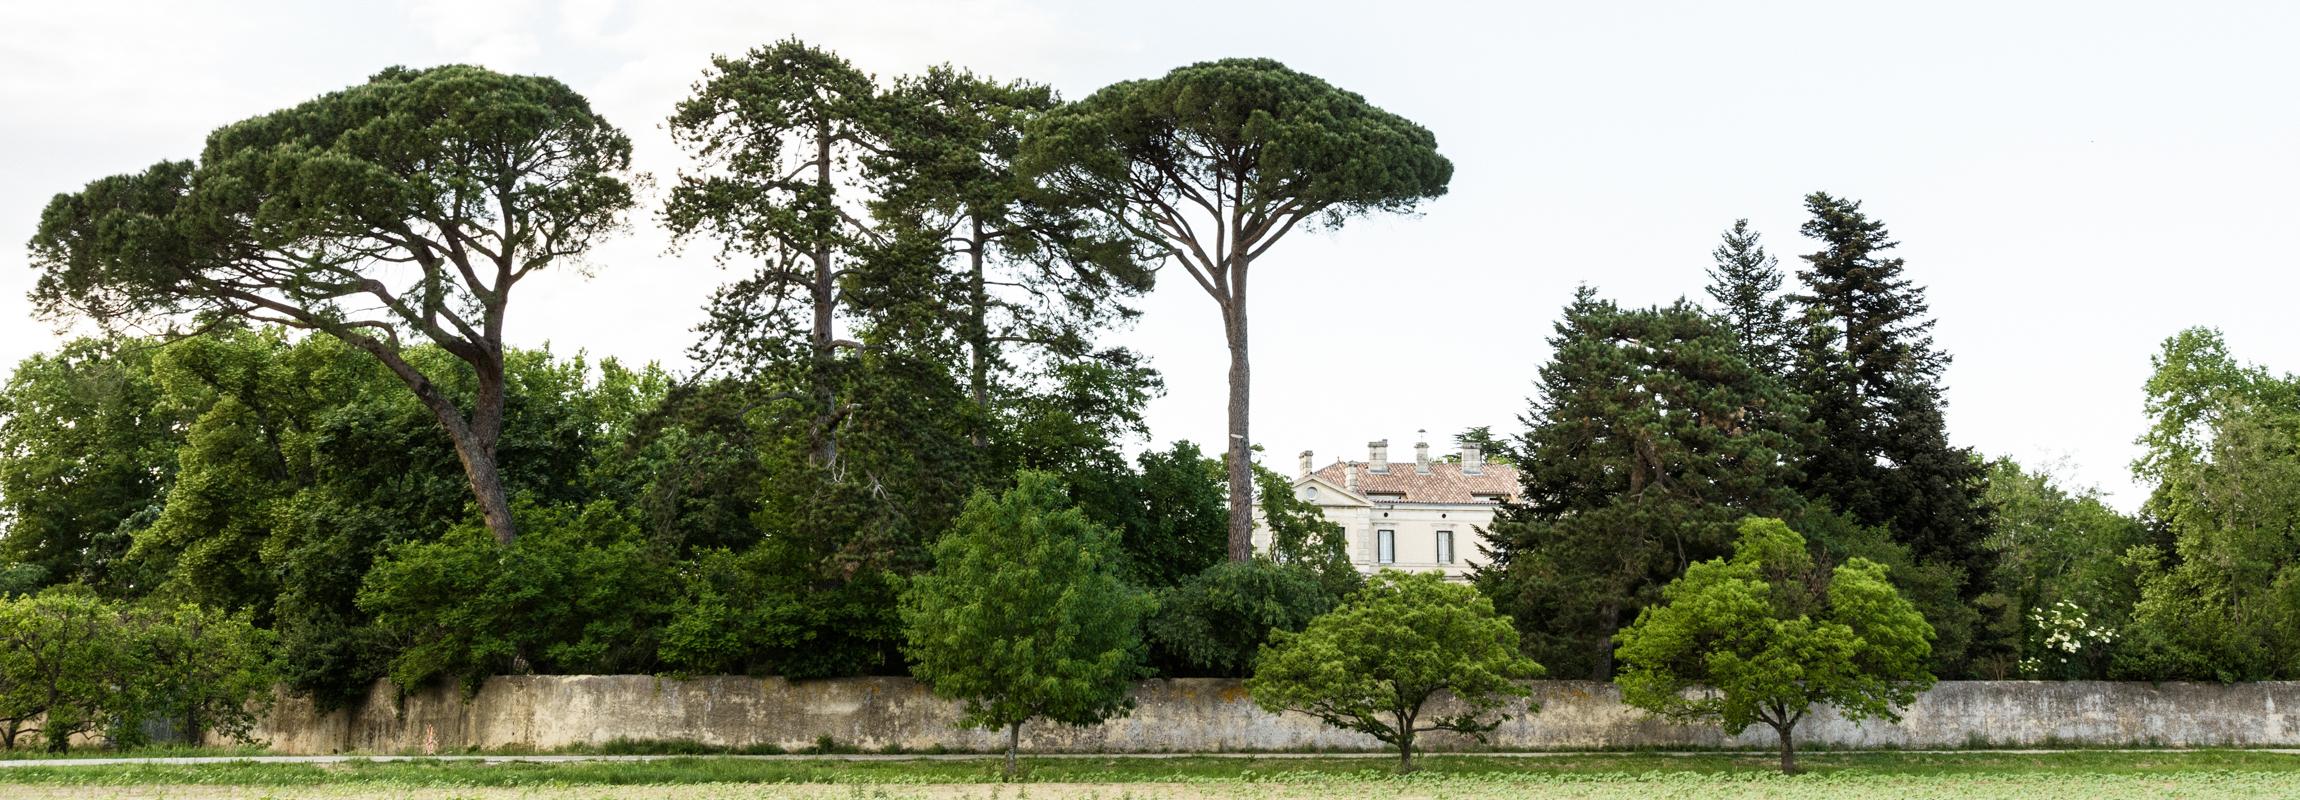 C'est la vue de l'Hôtel Château de Montcaud que vous avez en arrivant de Bagnol-sur-Cèze. Situé en Provence, dans le sud de la France, l'hôtel château est entouré d'un magnifique parc avec des arbres centenaires et un mur historique.